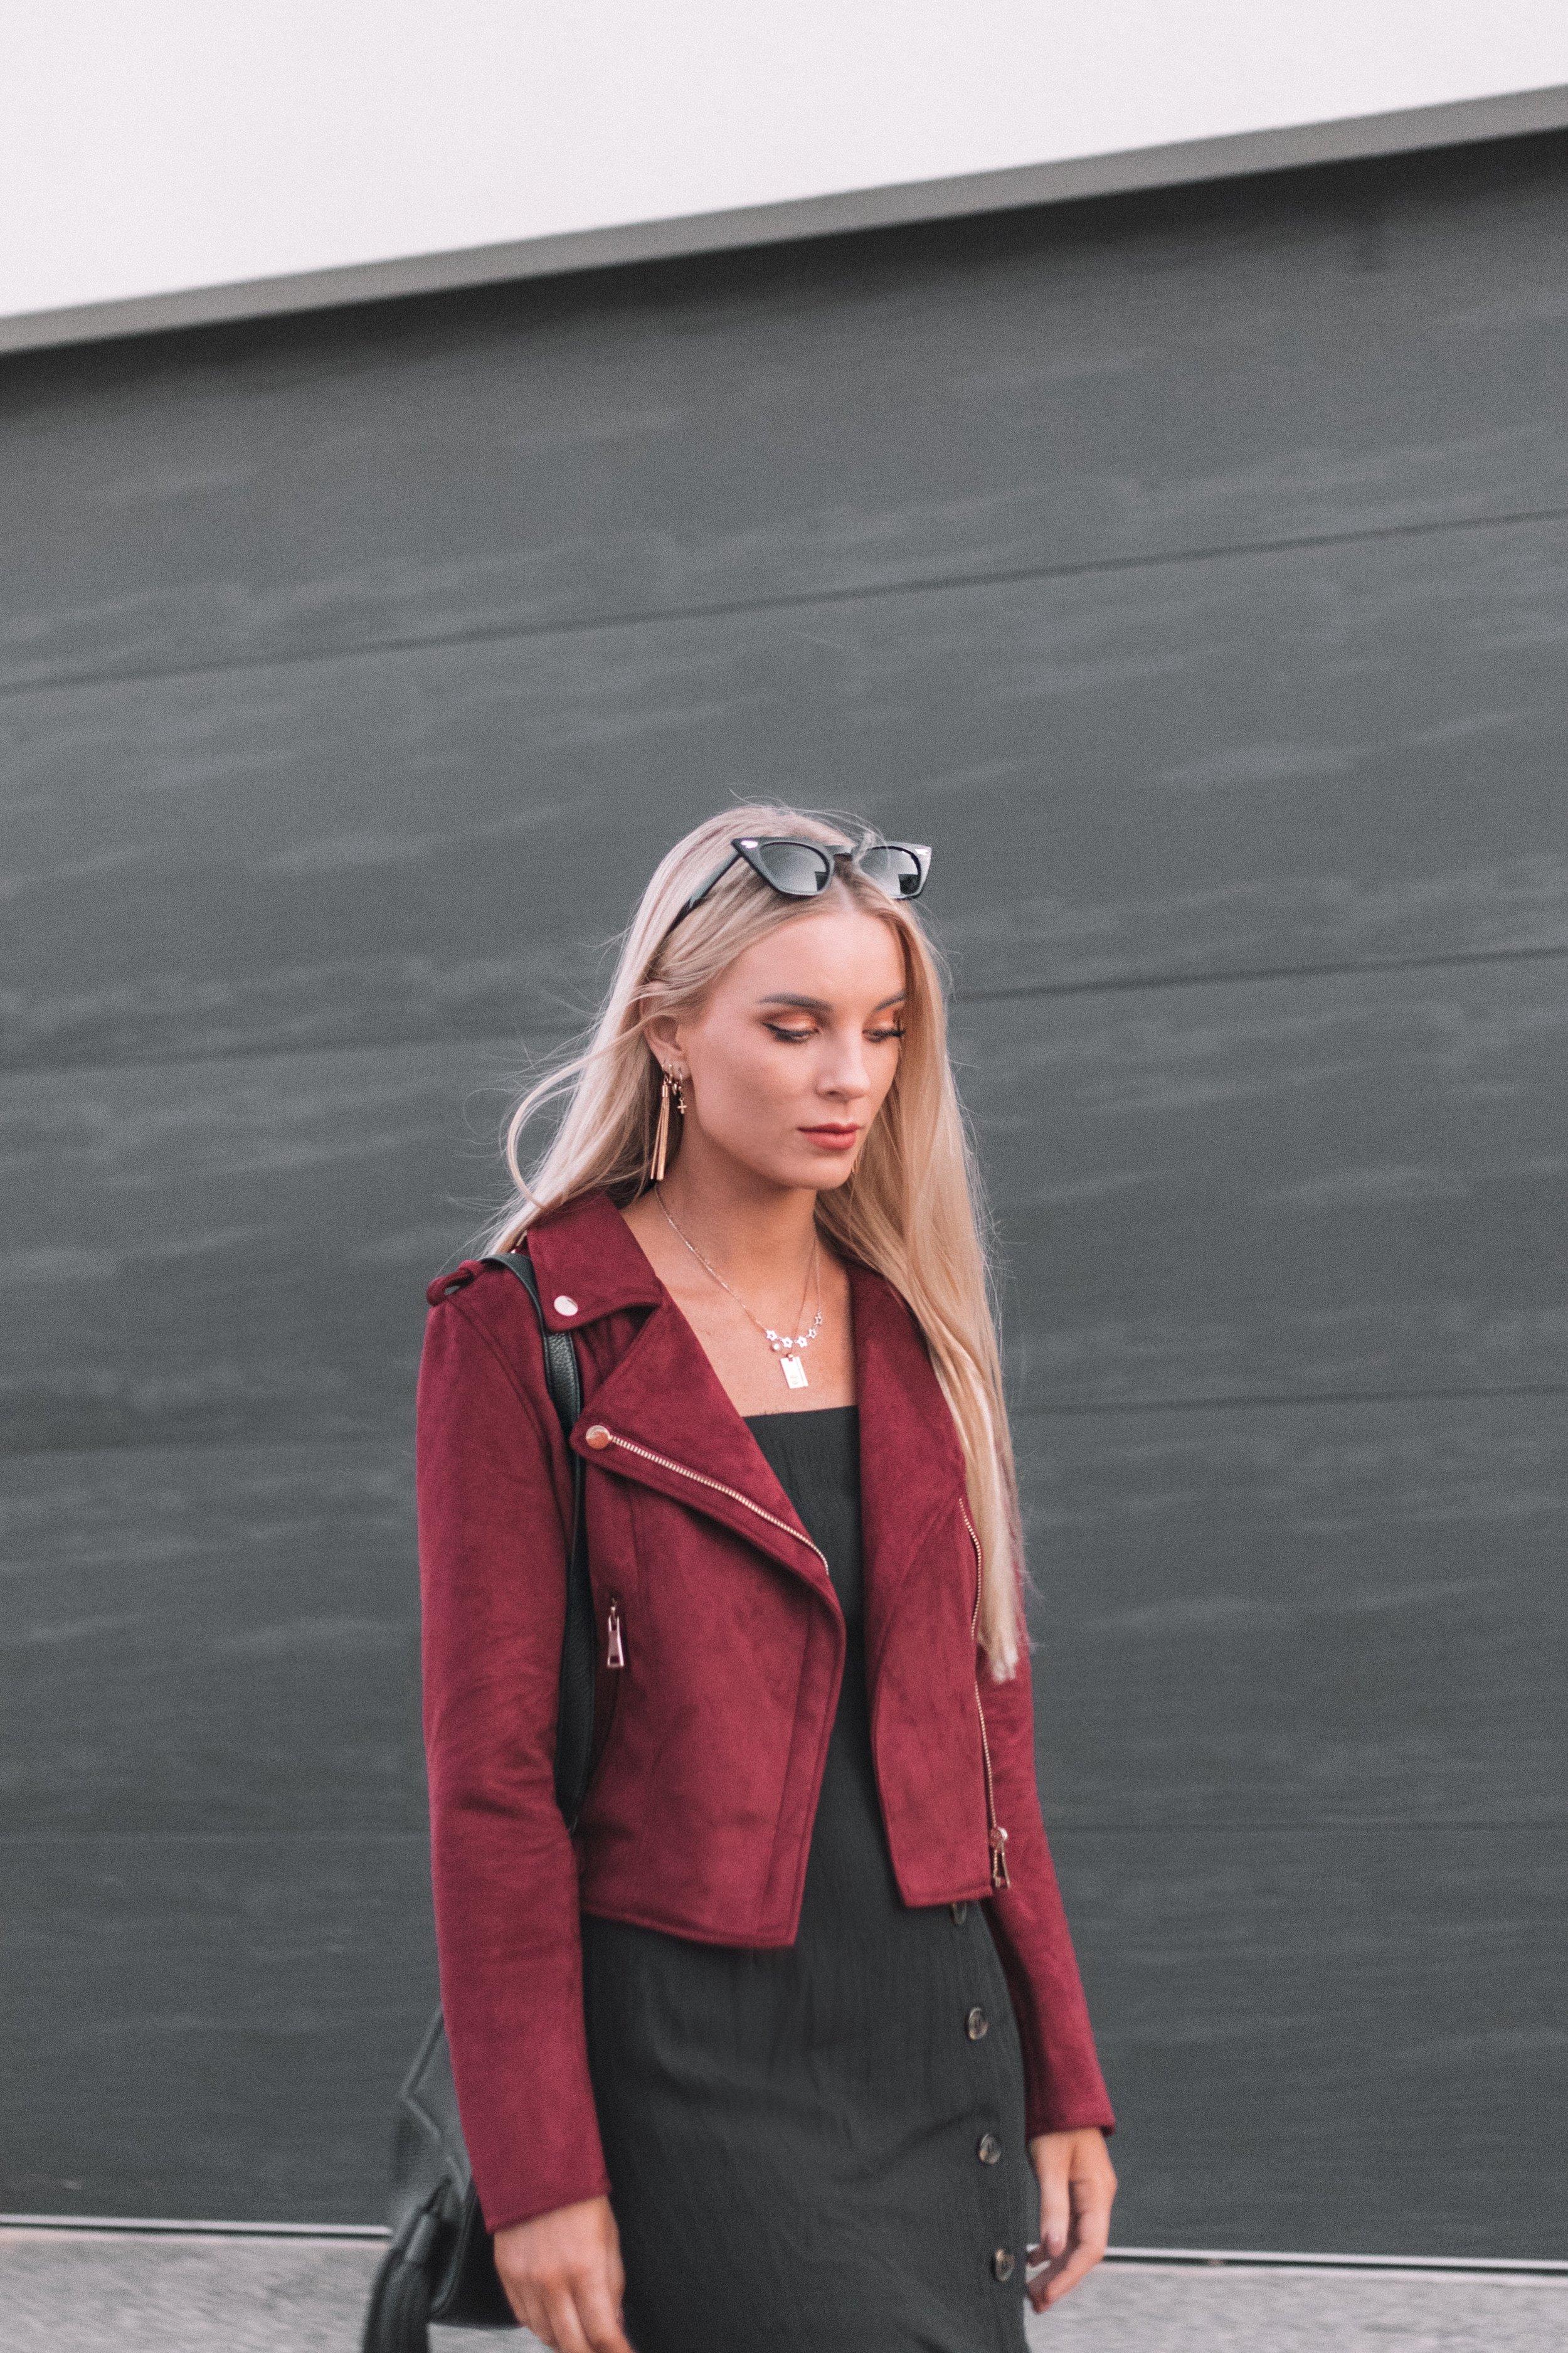 Elabelz Red Jacket - Izzy Smith_4.JPG